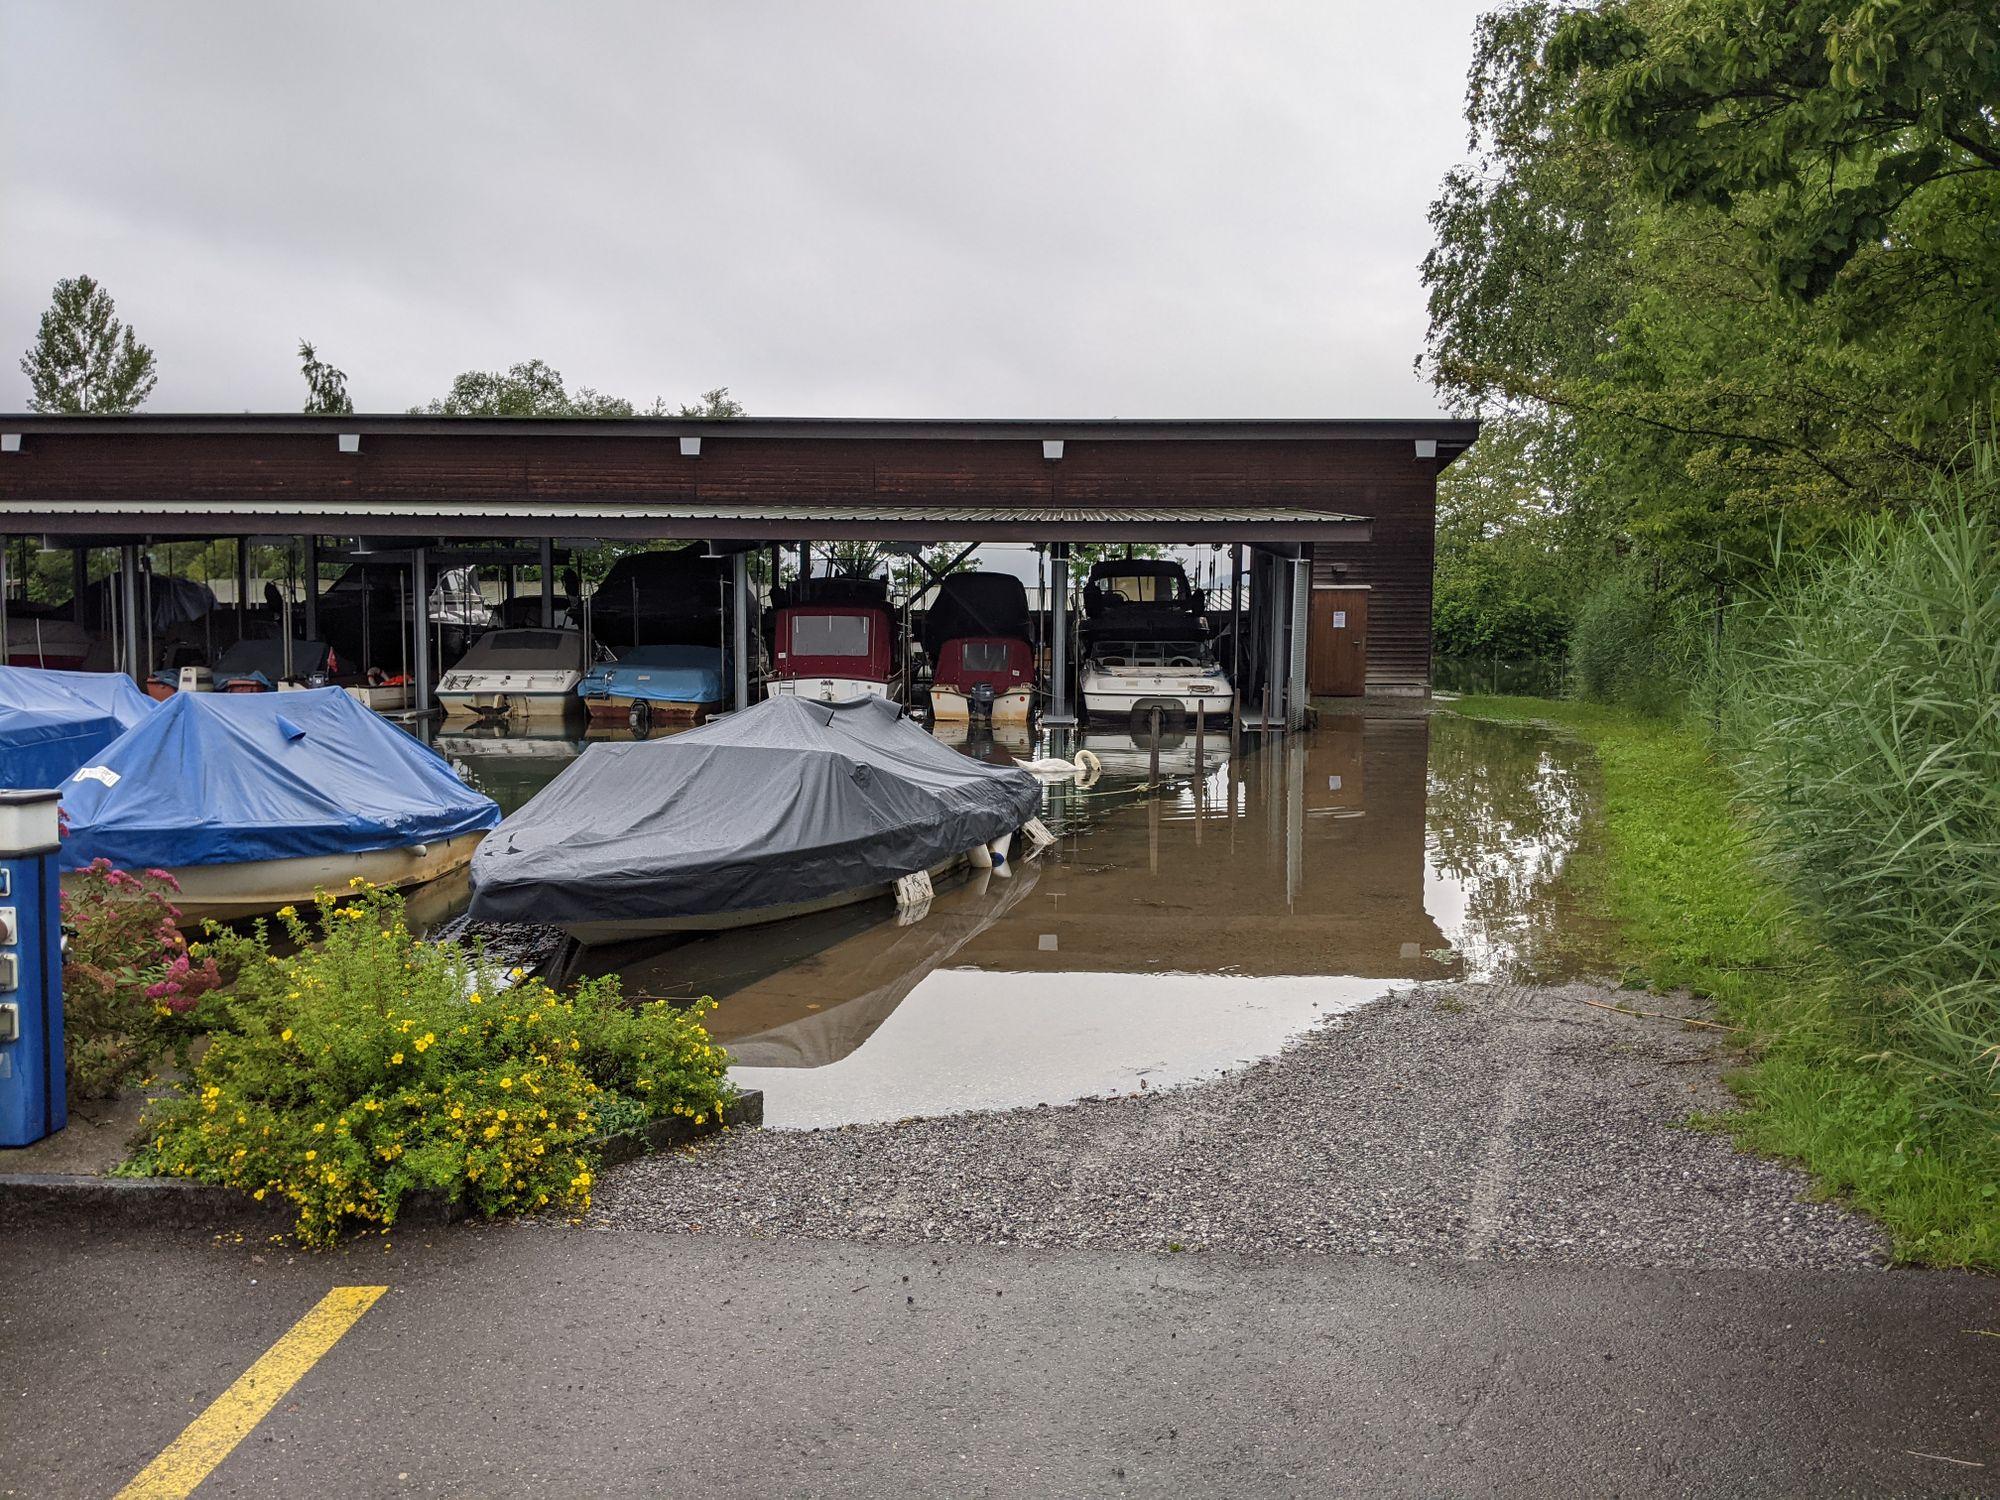 Hochwasser im Hafen Rheinkies in Schmerikon (Foto: Thomas Müller, 8716.ch)